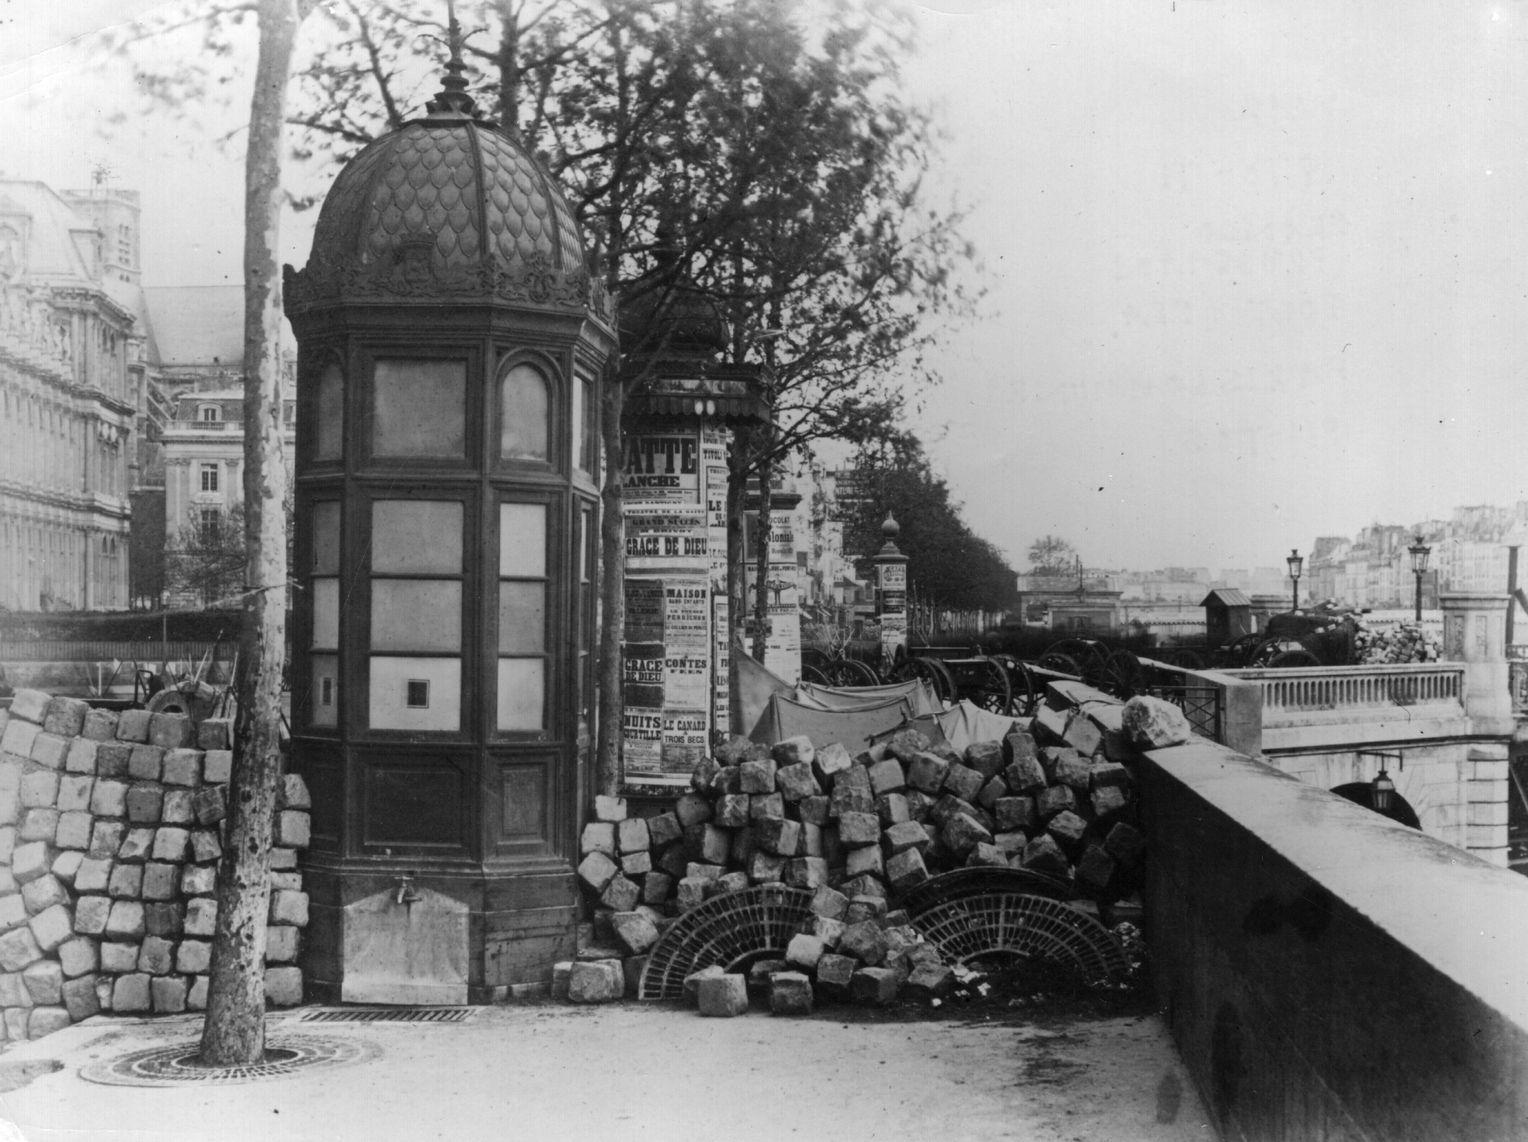 Оборона: В Париже были возведены баррикады из булыжника, например, на набережной Пеллетье и на Пон-д'Арколе. Этот снимок был сделан французским фотографом Огюстом Бруно Бракеха (1823-1875), одним из пионеров французской фотографии.  Фото: Архив Халтона / Getty Images